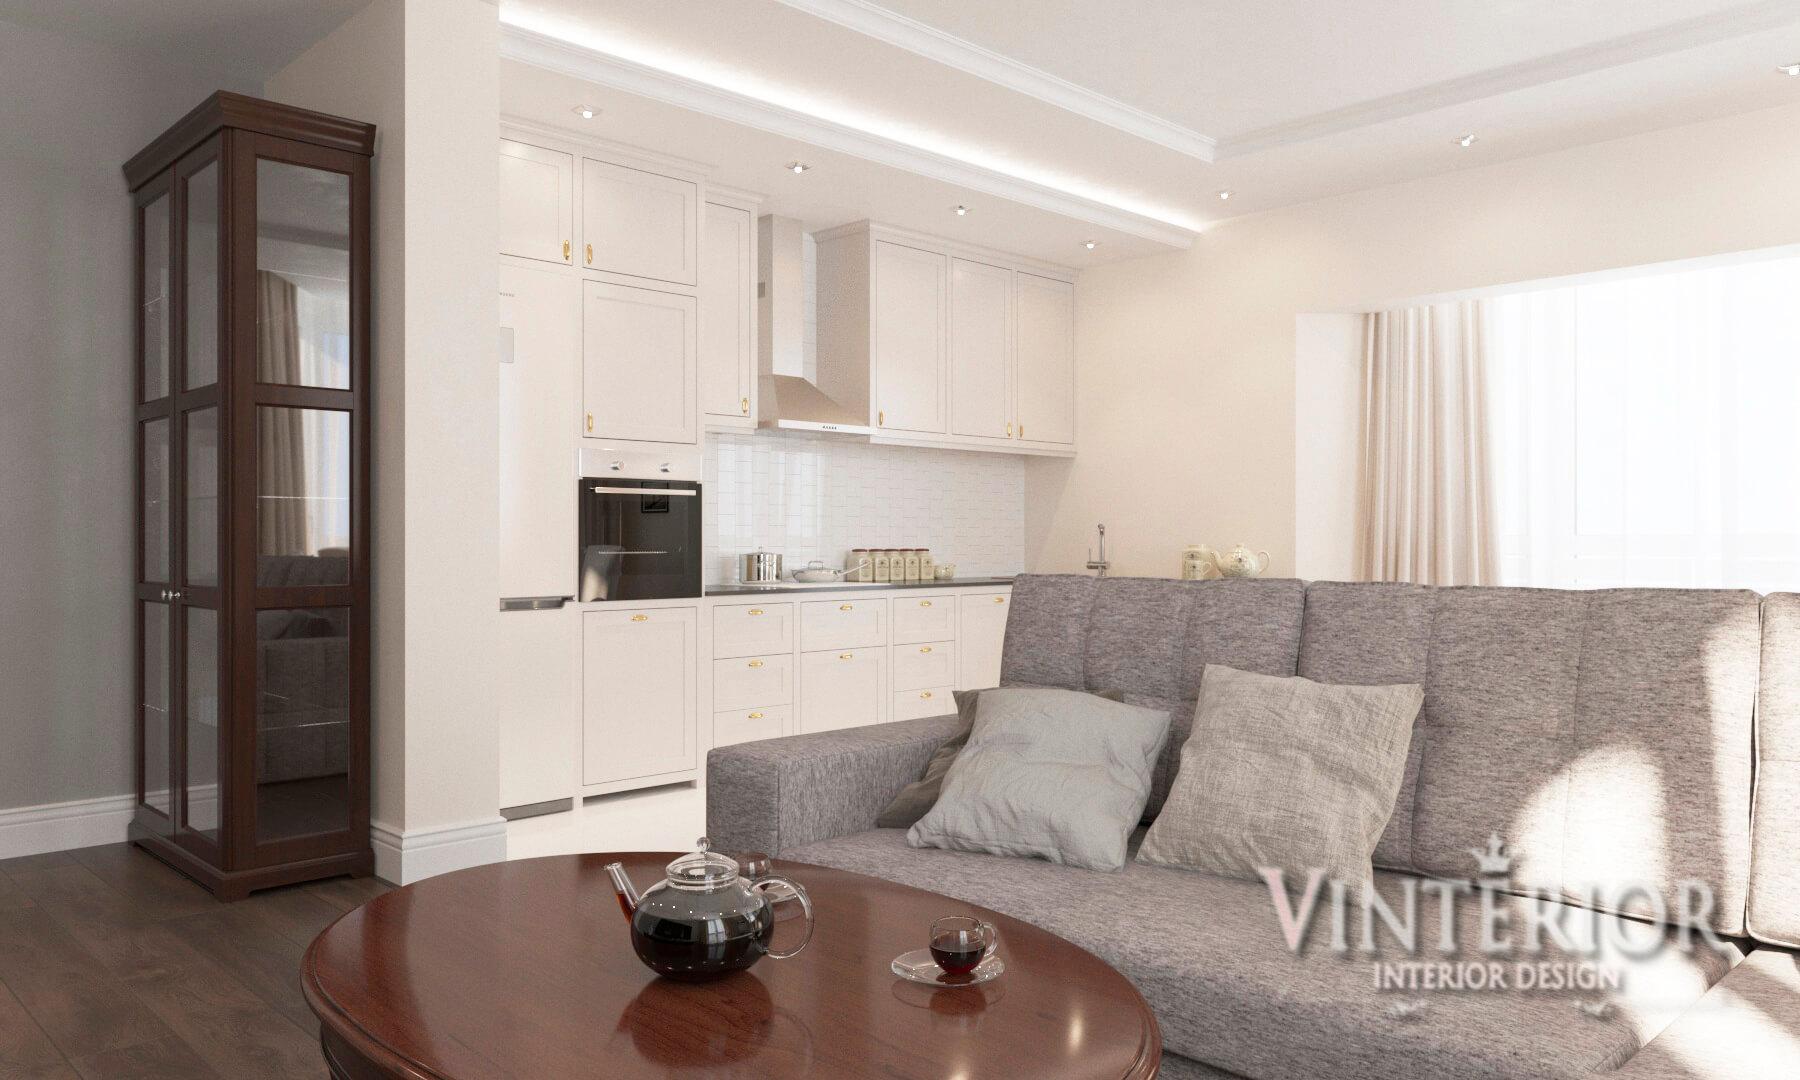 Квартира 3-х комнатная, ЖК «ул. Коперника 7», г. Киев